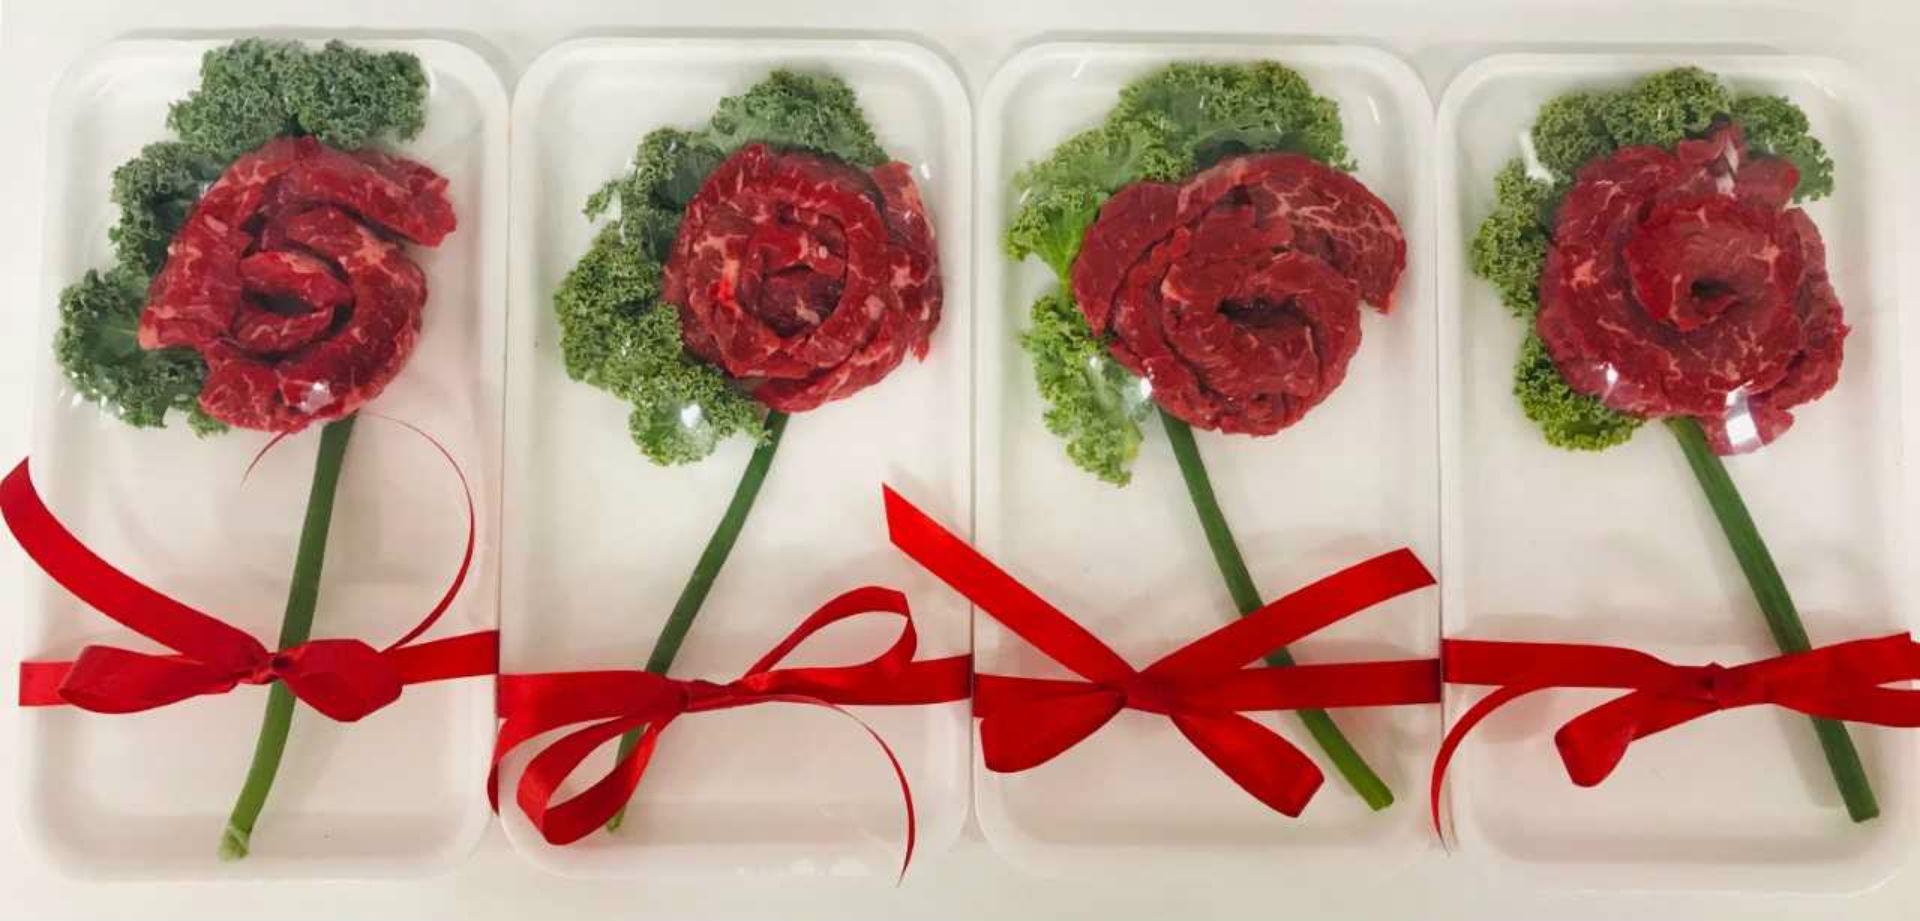 meat roses_1549305382202.jpg.jpg